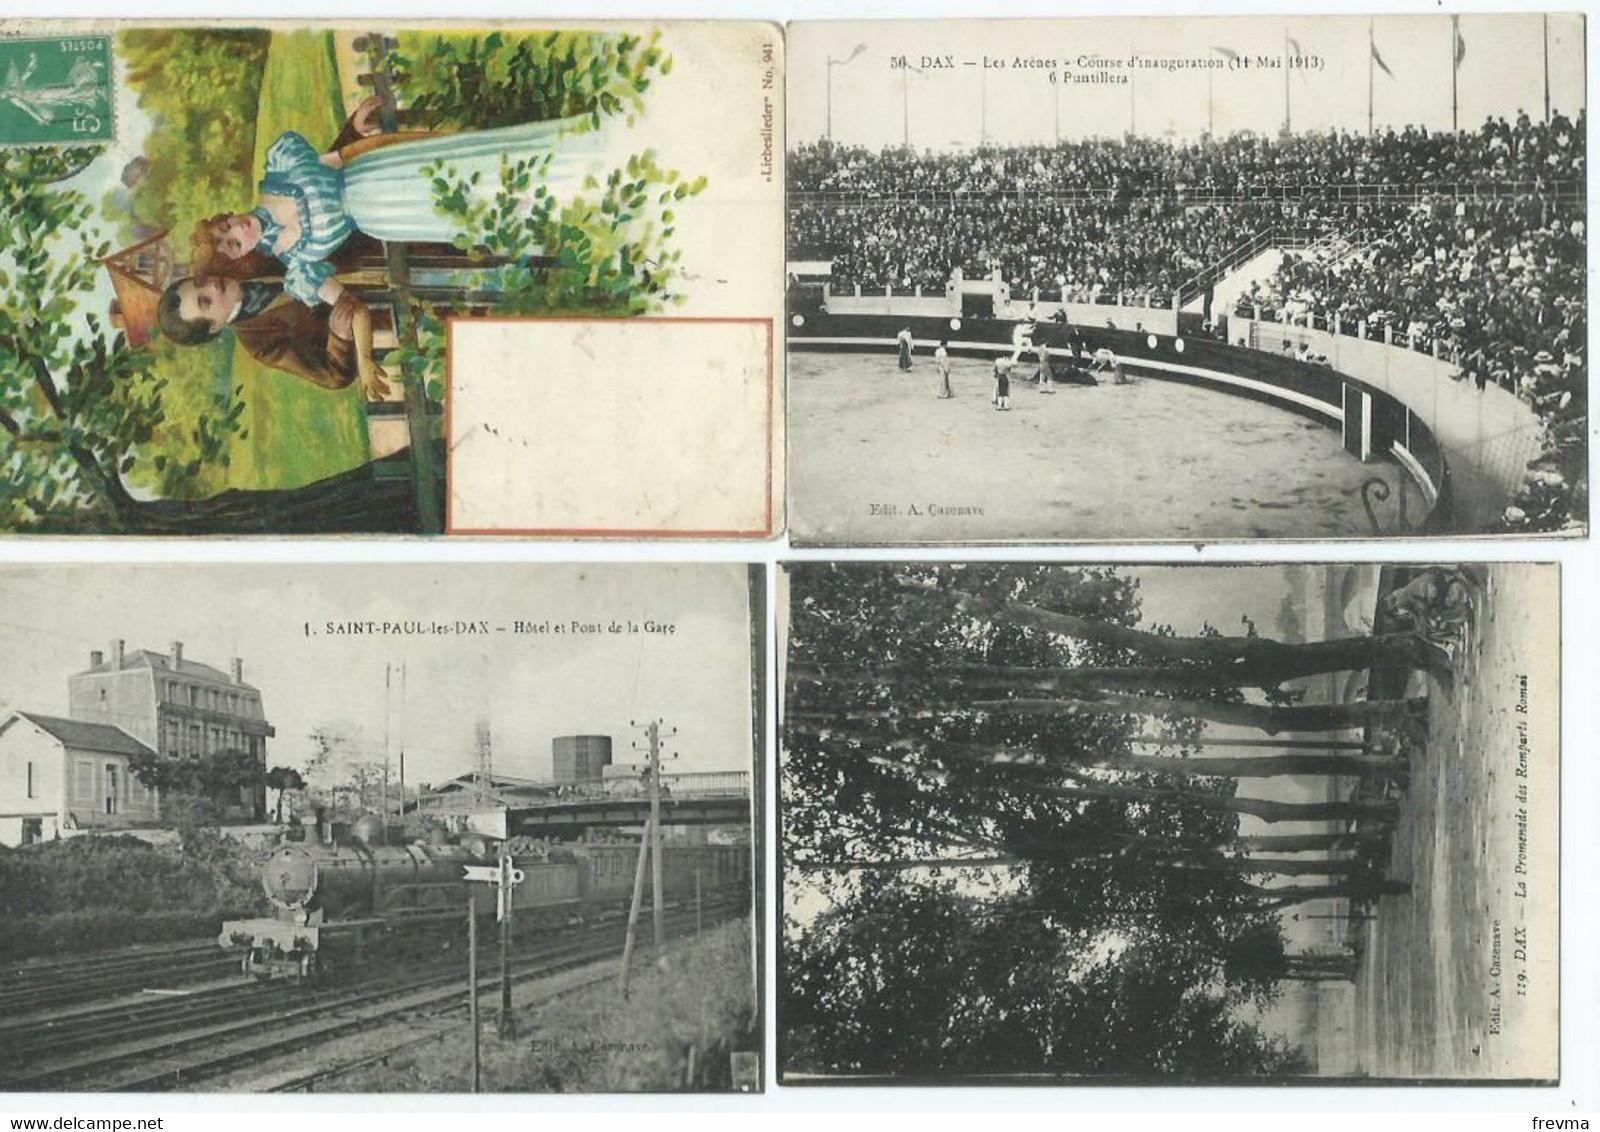 Lot 800 Cpa France Type Drouille Avec Quelques Petites Animation - 500 Postkaarten Min.